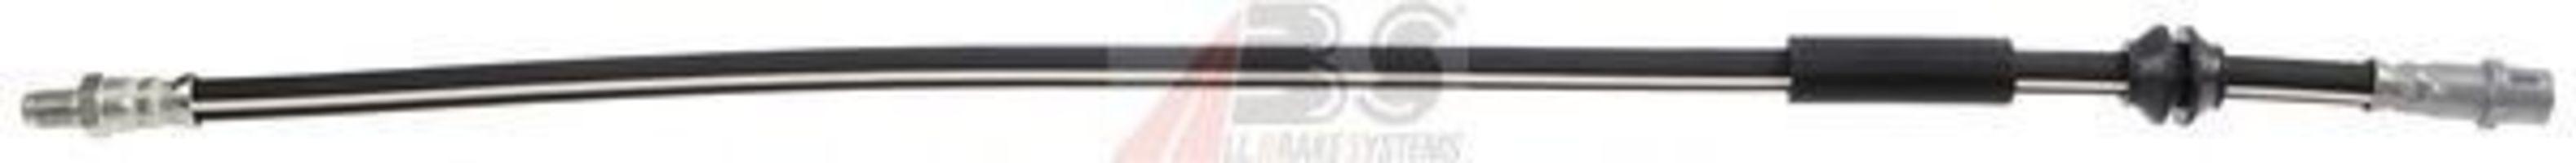 Шланг тормозной A.B.S. SL 6063